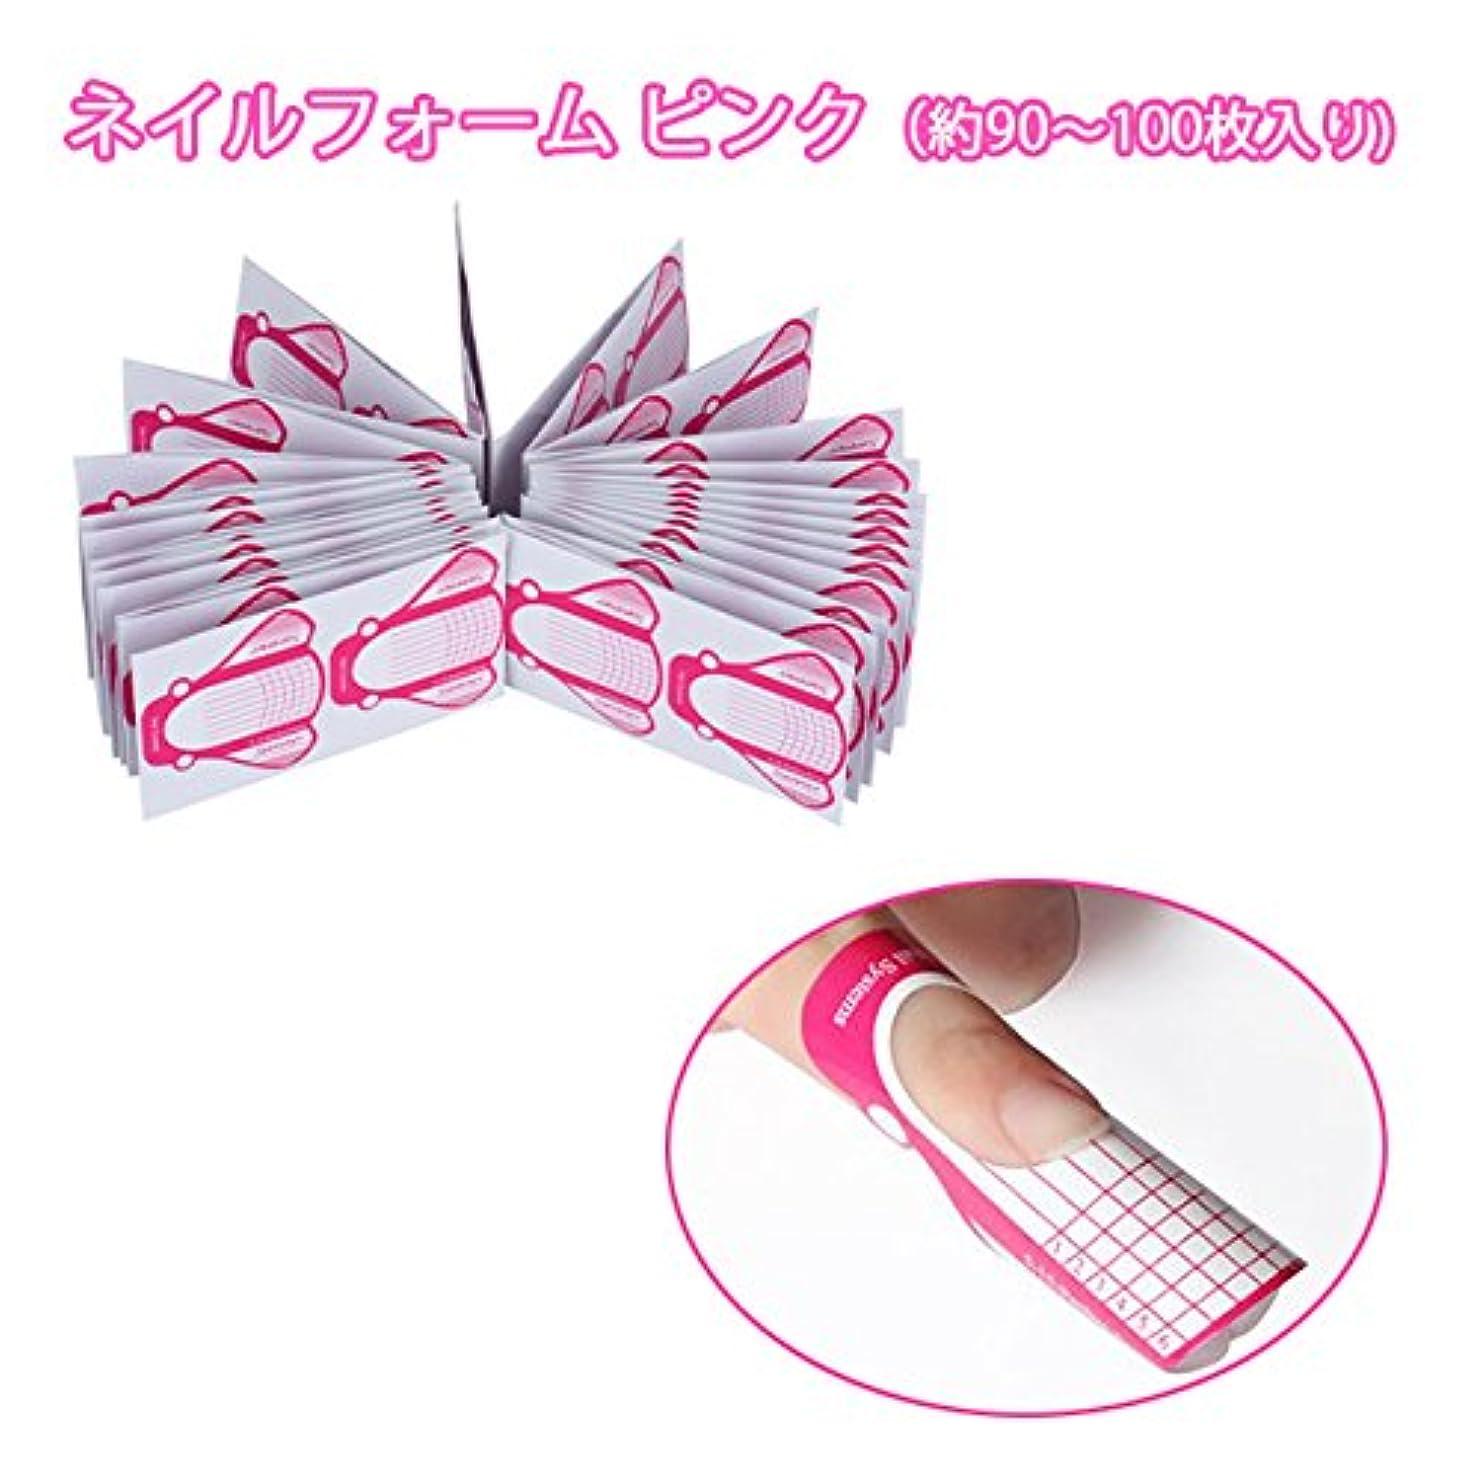 骨折日記当社ネイルフォーム ピンク(約90~100枚入り)